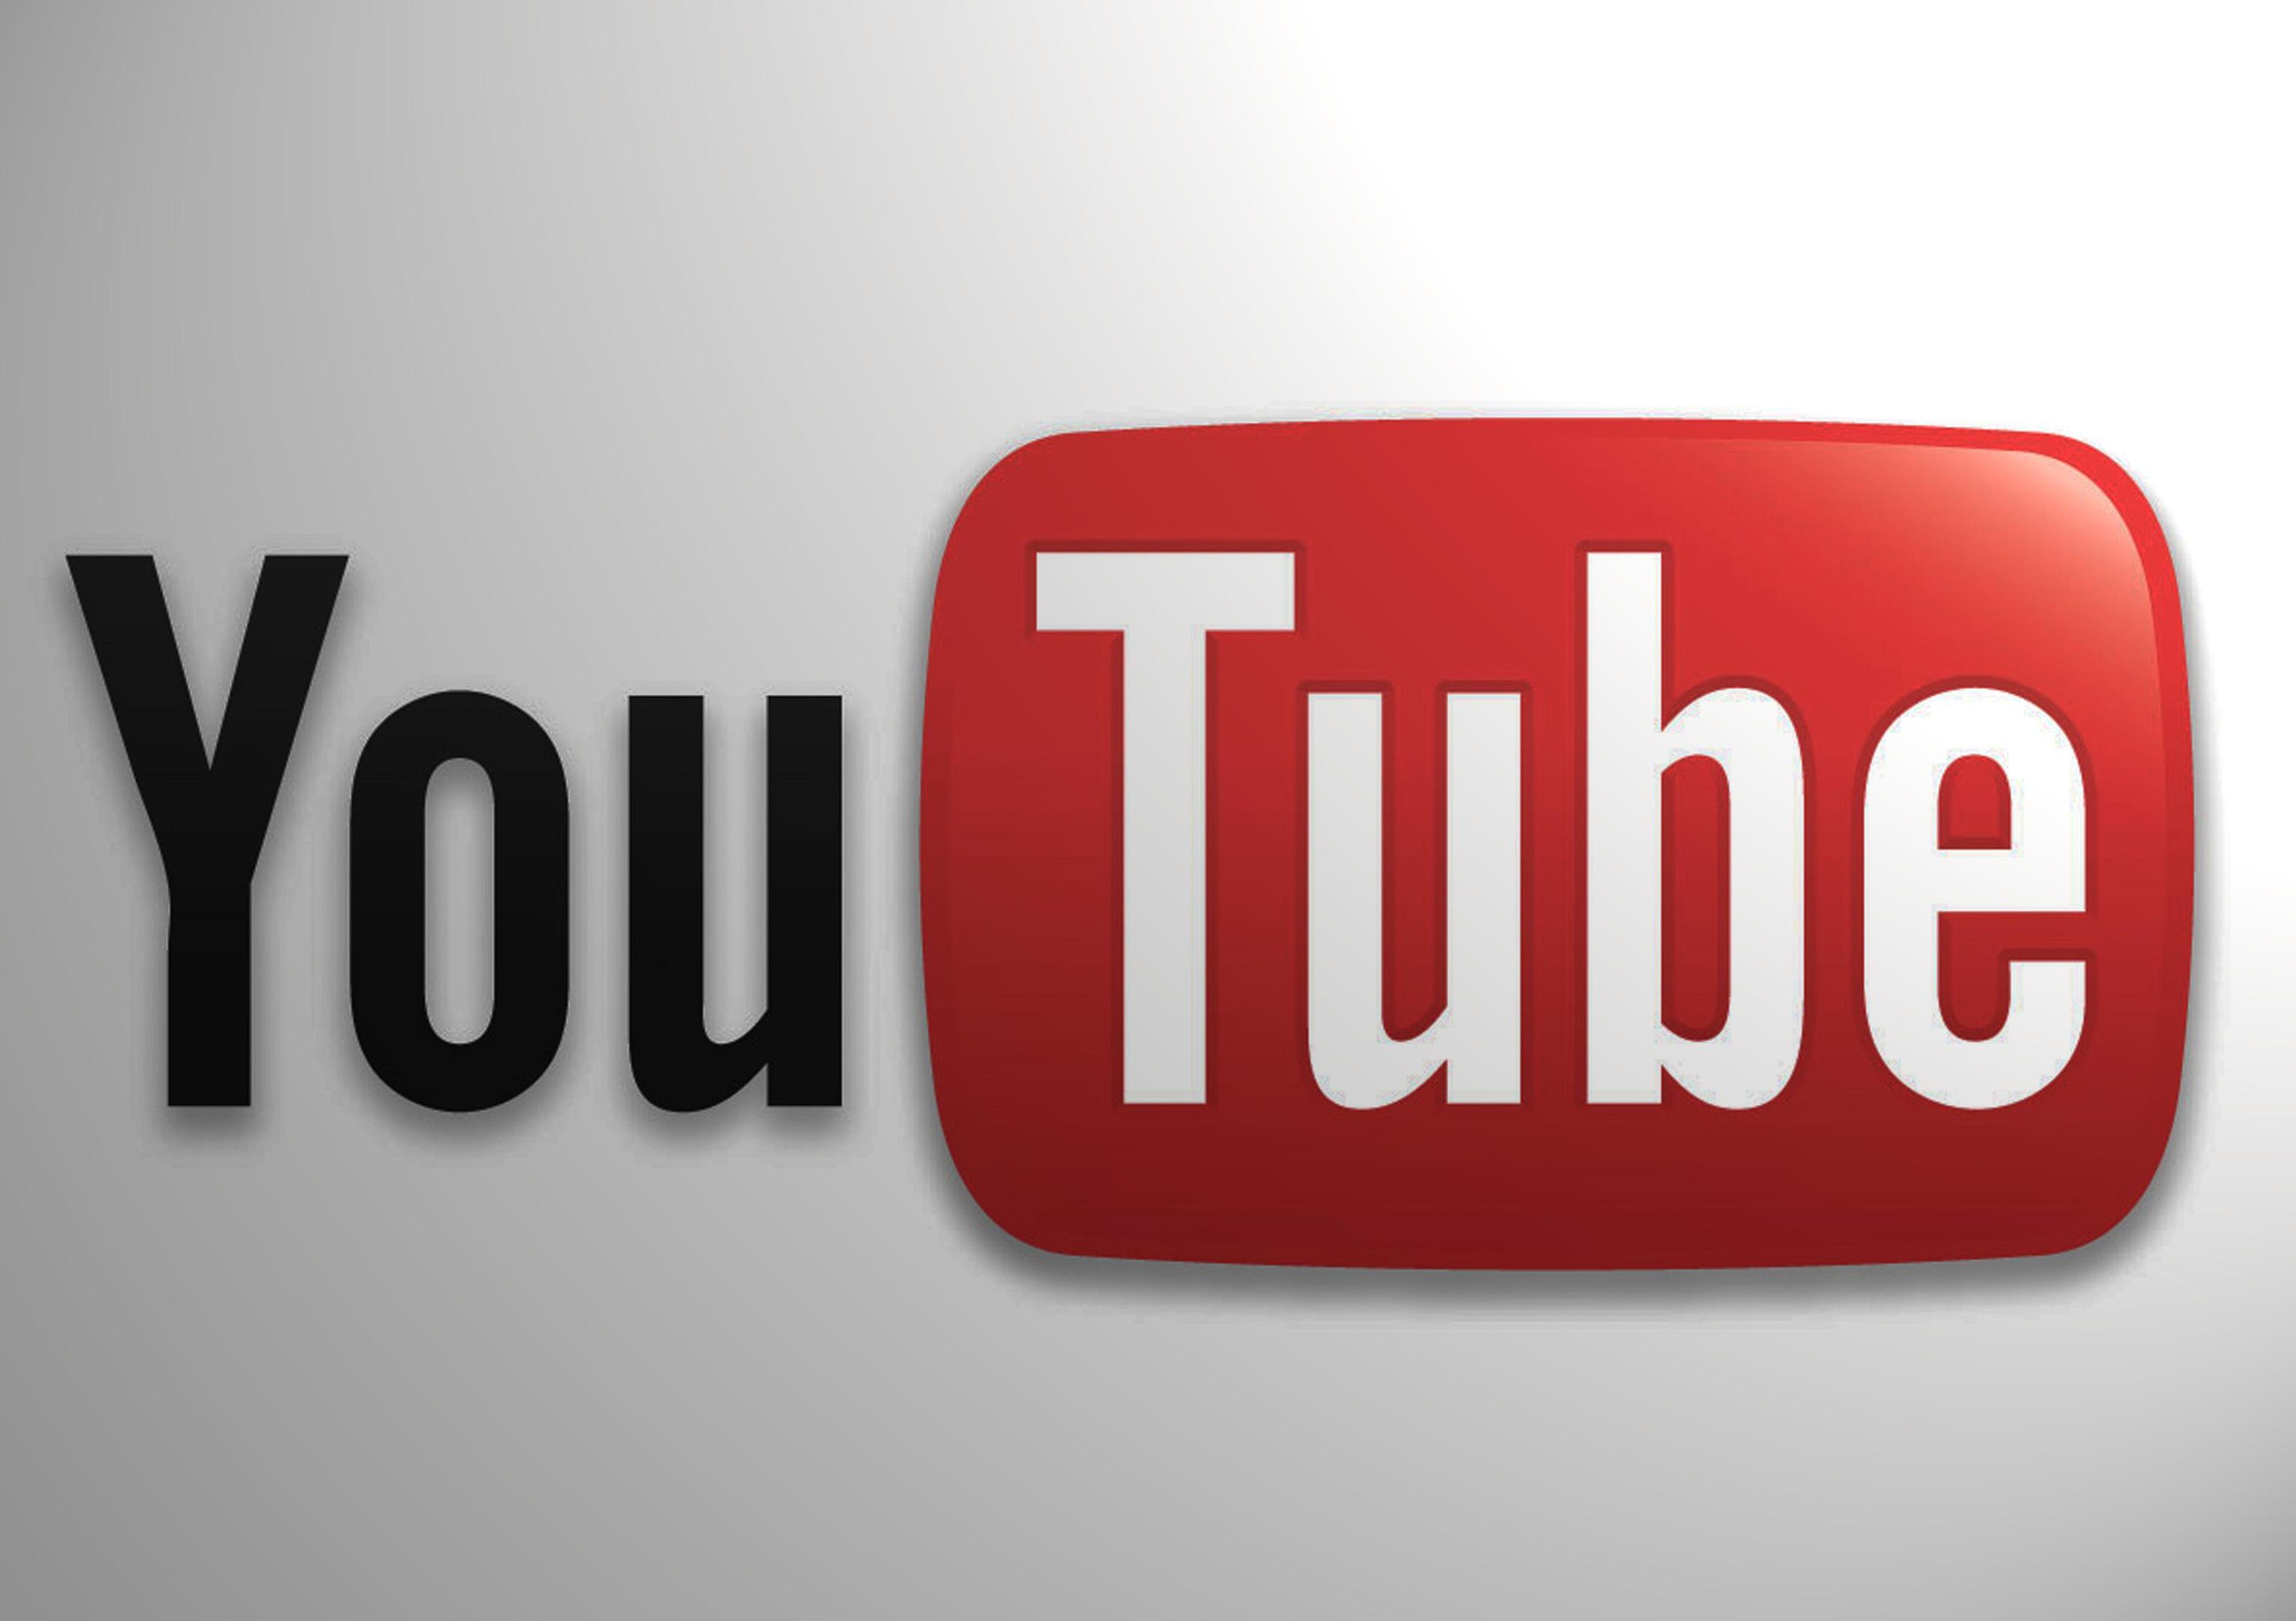 Stretta di YouTube sul terrorismo